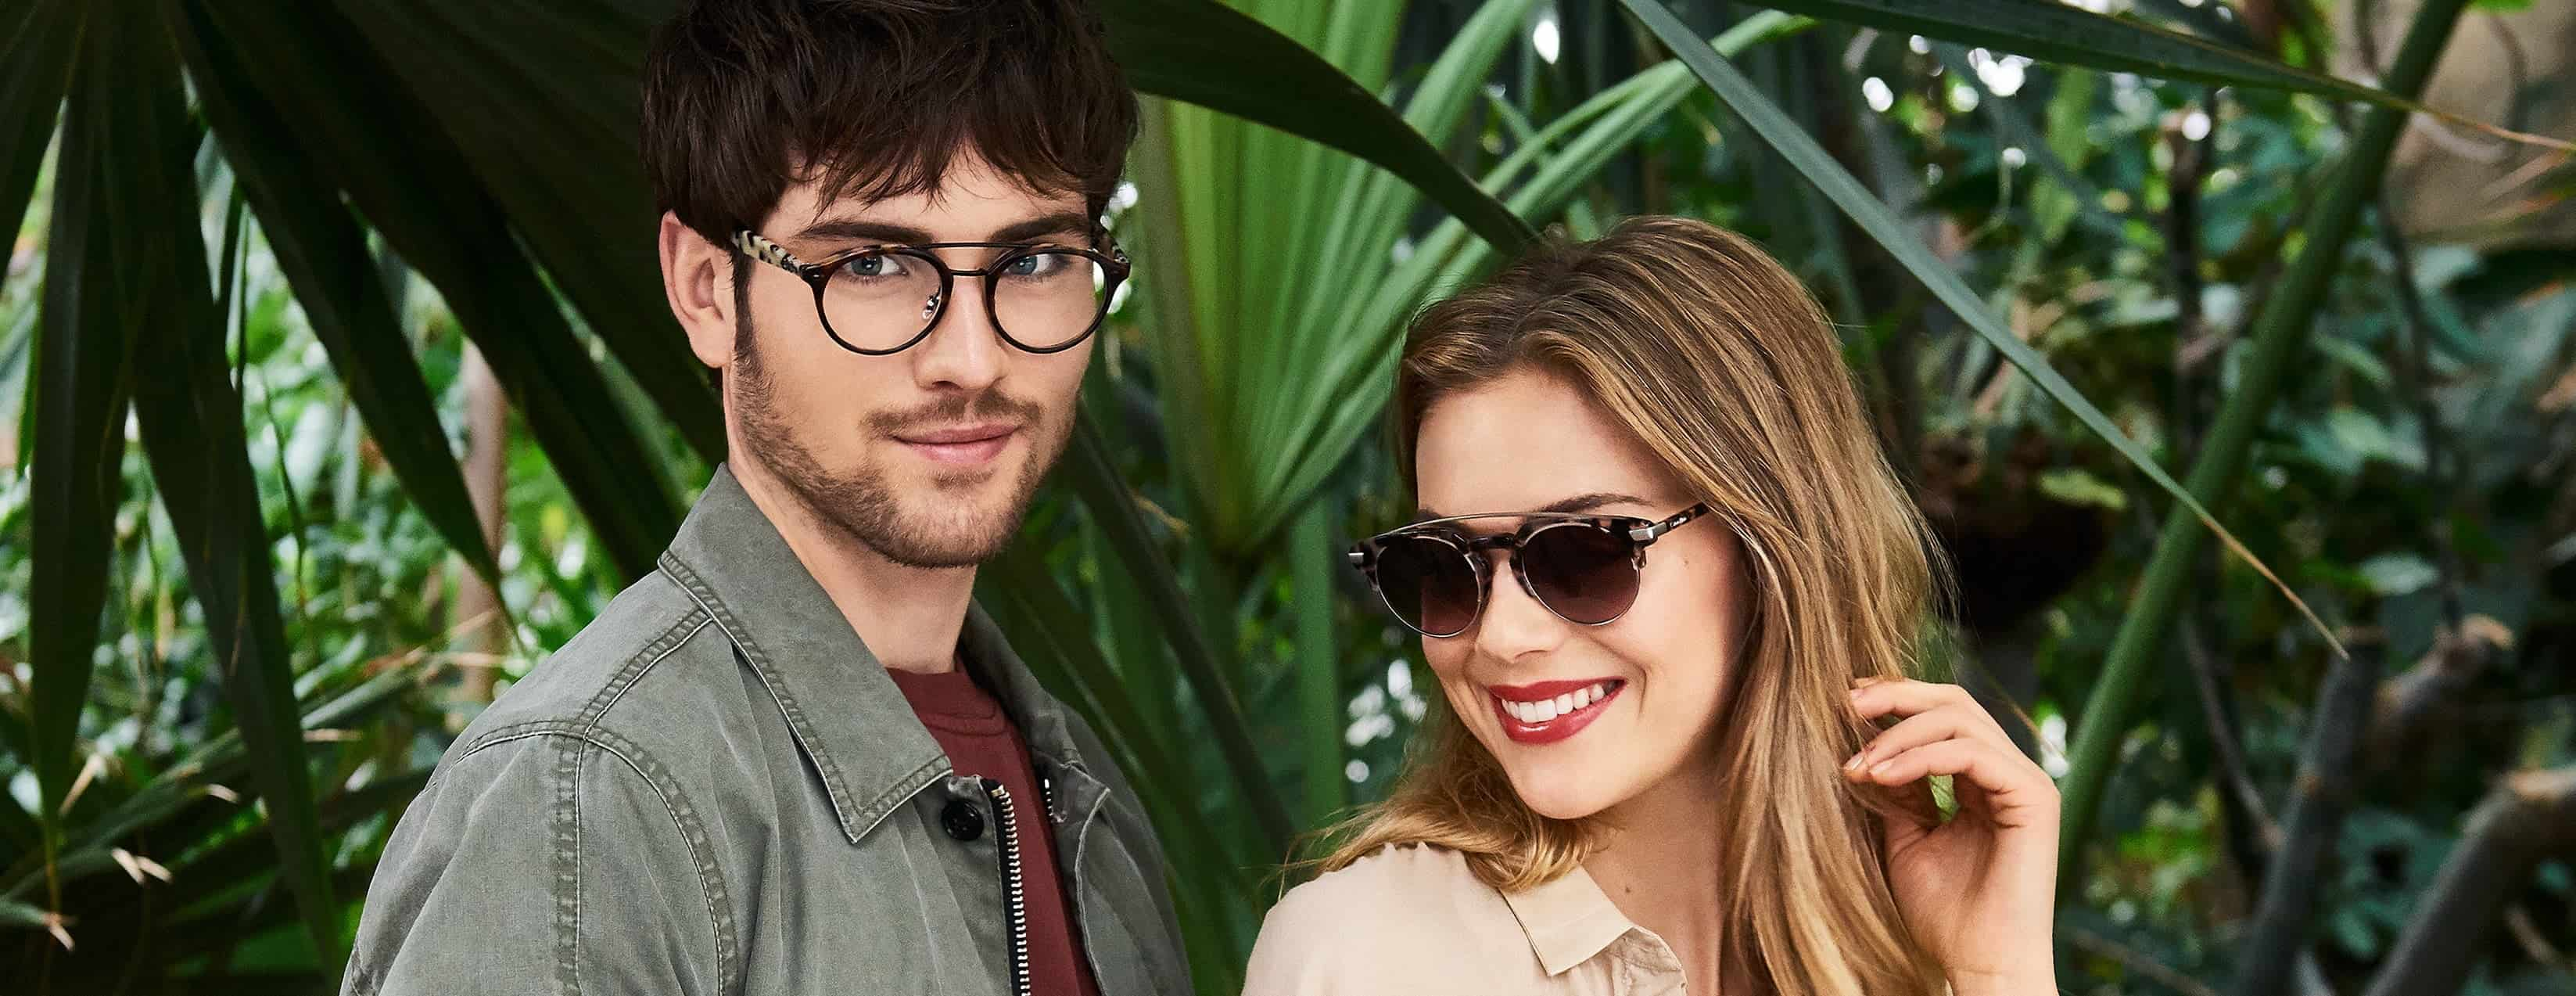 Mister Spex – Nykyaikainen tapa ostaa piilolinssit ja silmälasit